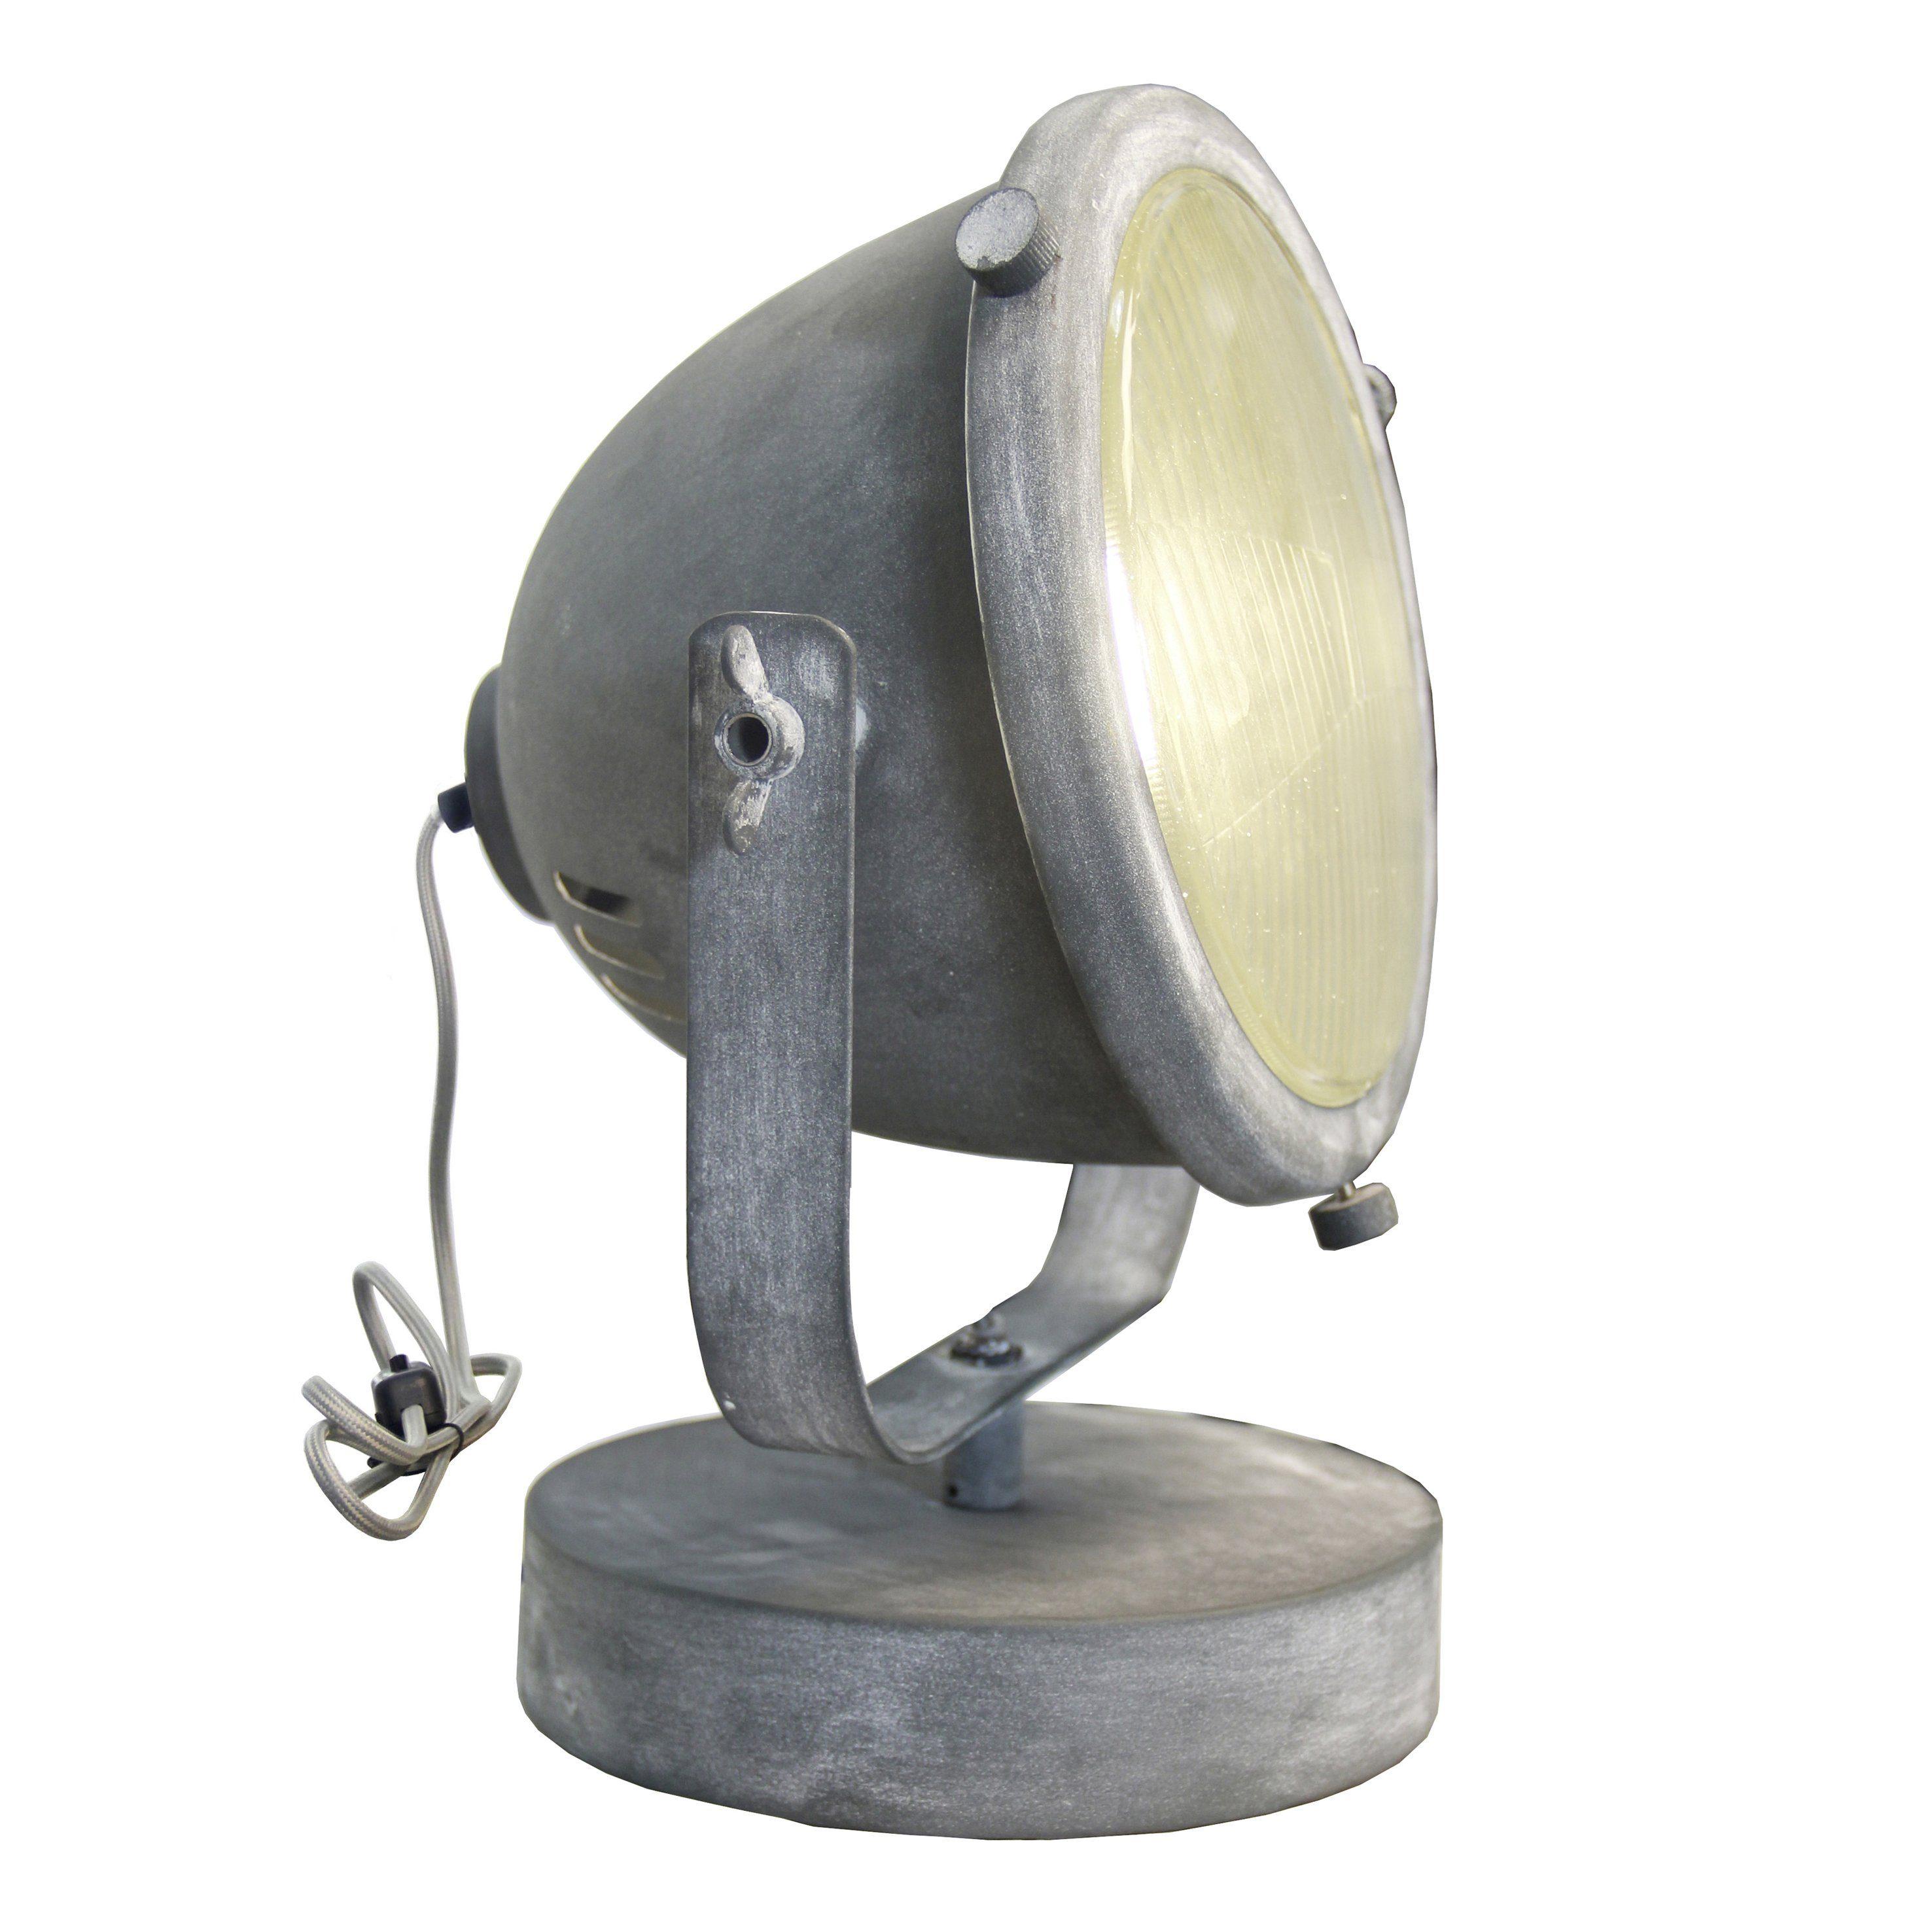 Brilliant Leuchten Carmen Tischleuchte 31cm Glas grau Beton